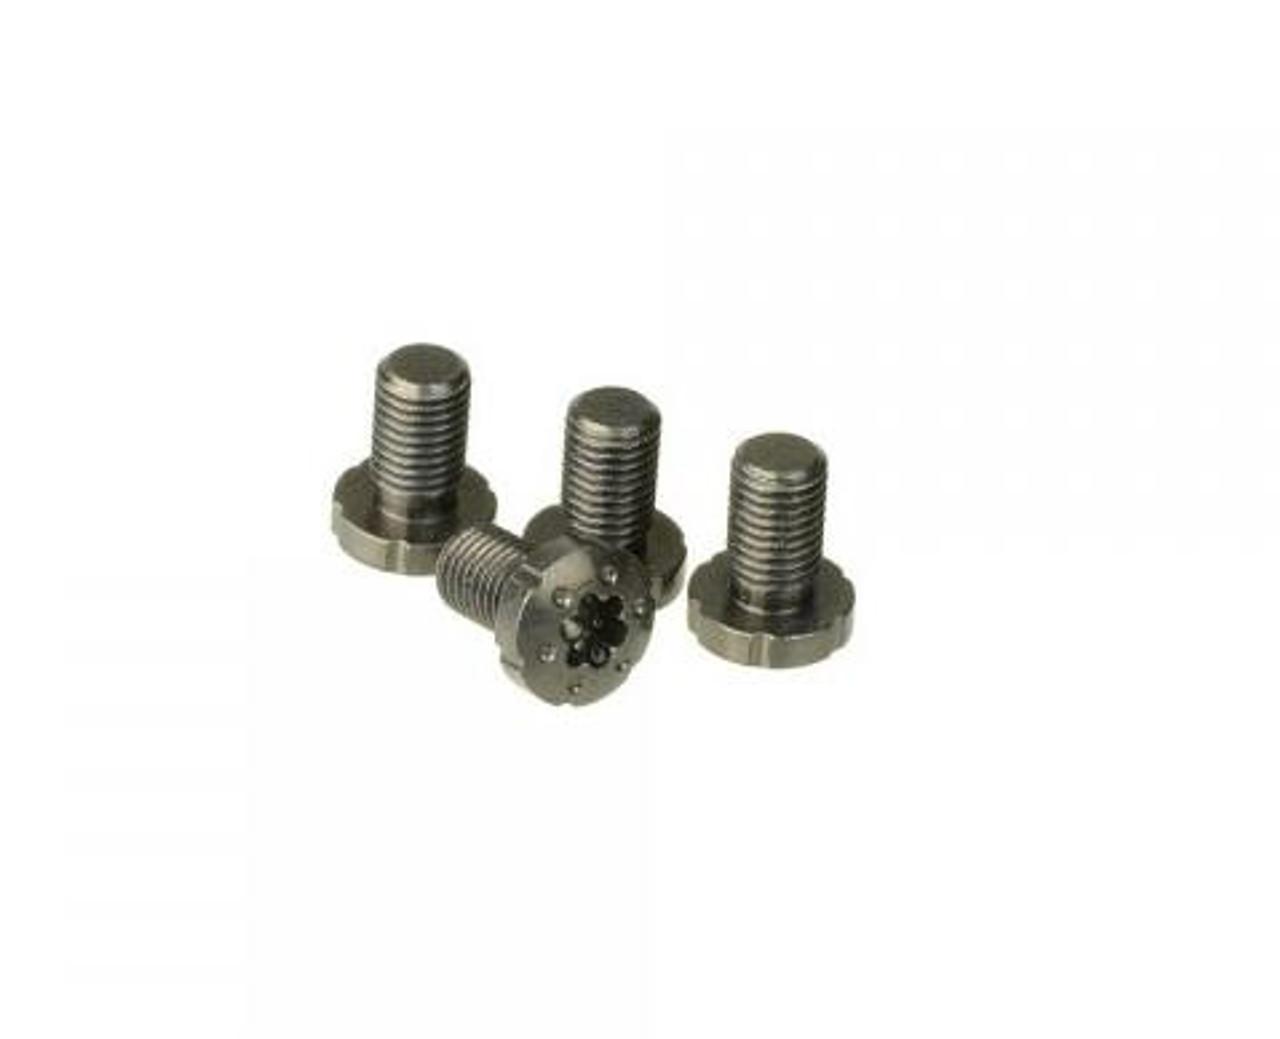 Strike Industries 1911 Standard Length Torx Grip Screws (Blued)